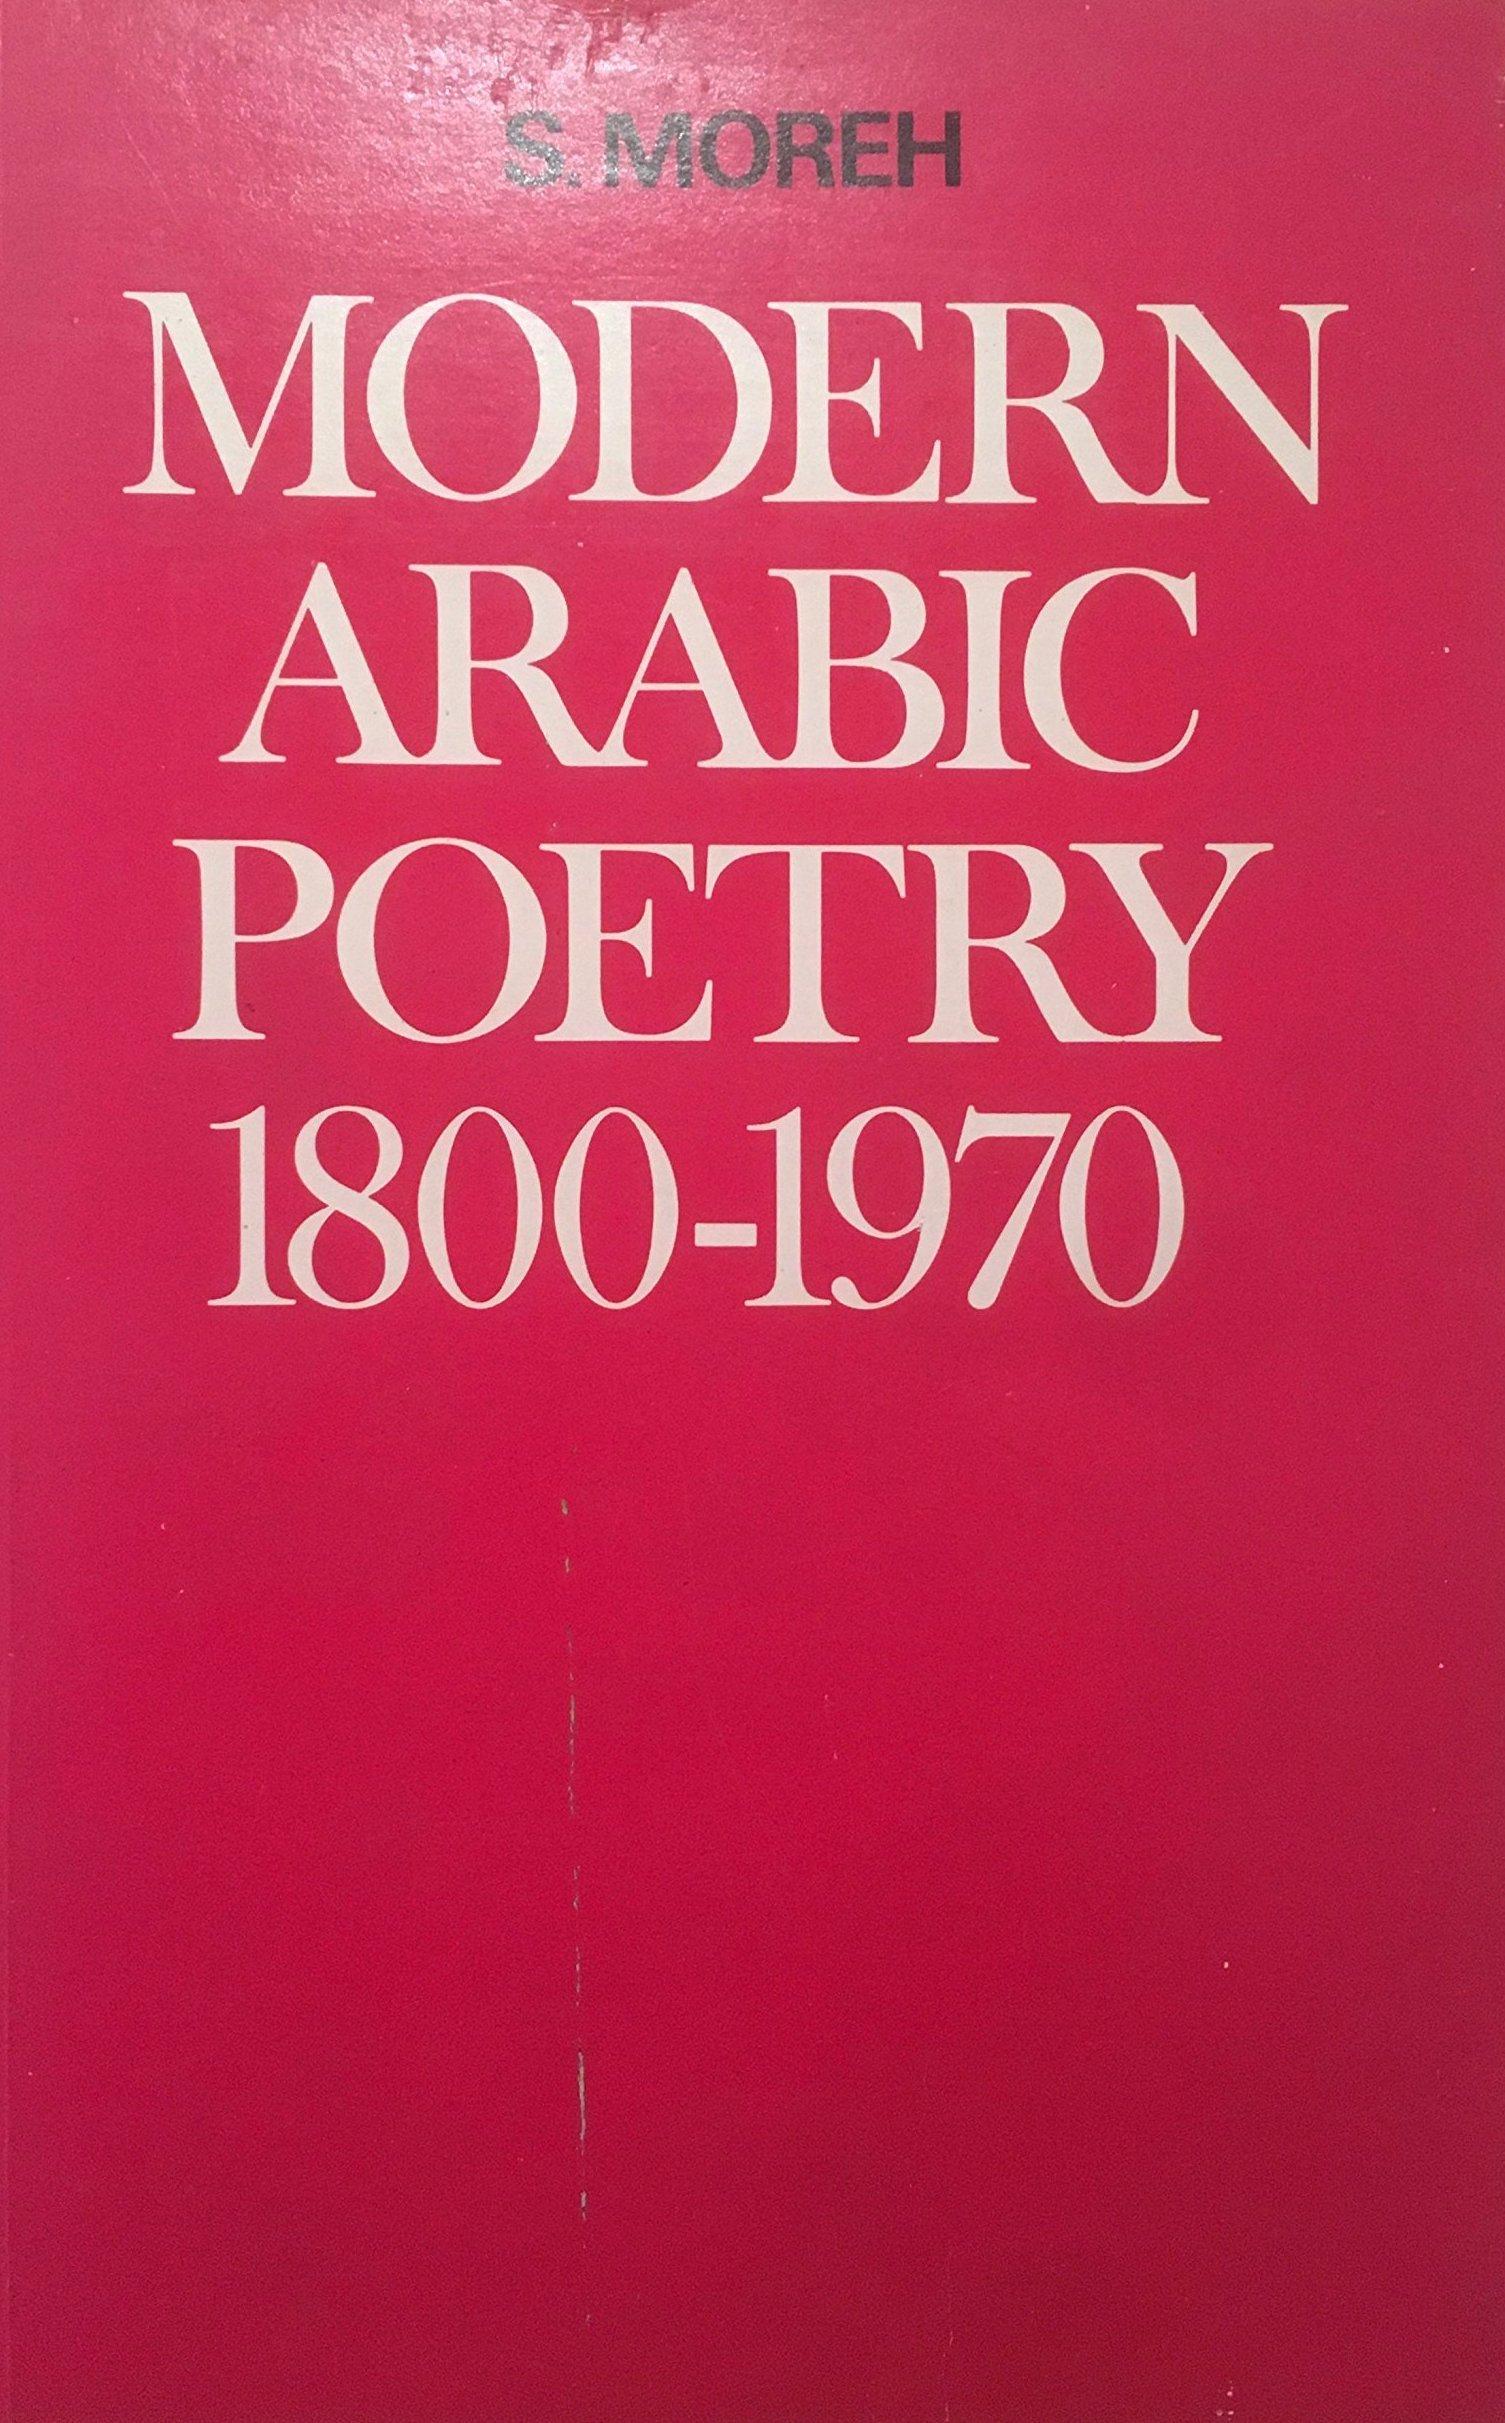 Shmuel Moreh, Modern Arabic Poetry (1800-1970), Leiden E.J. Brill, 1970